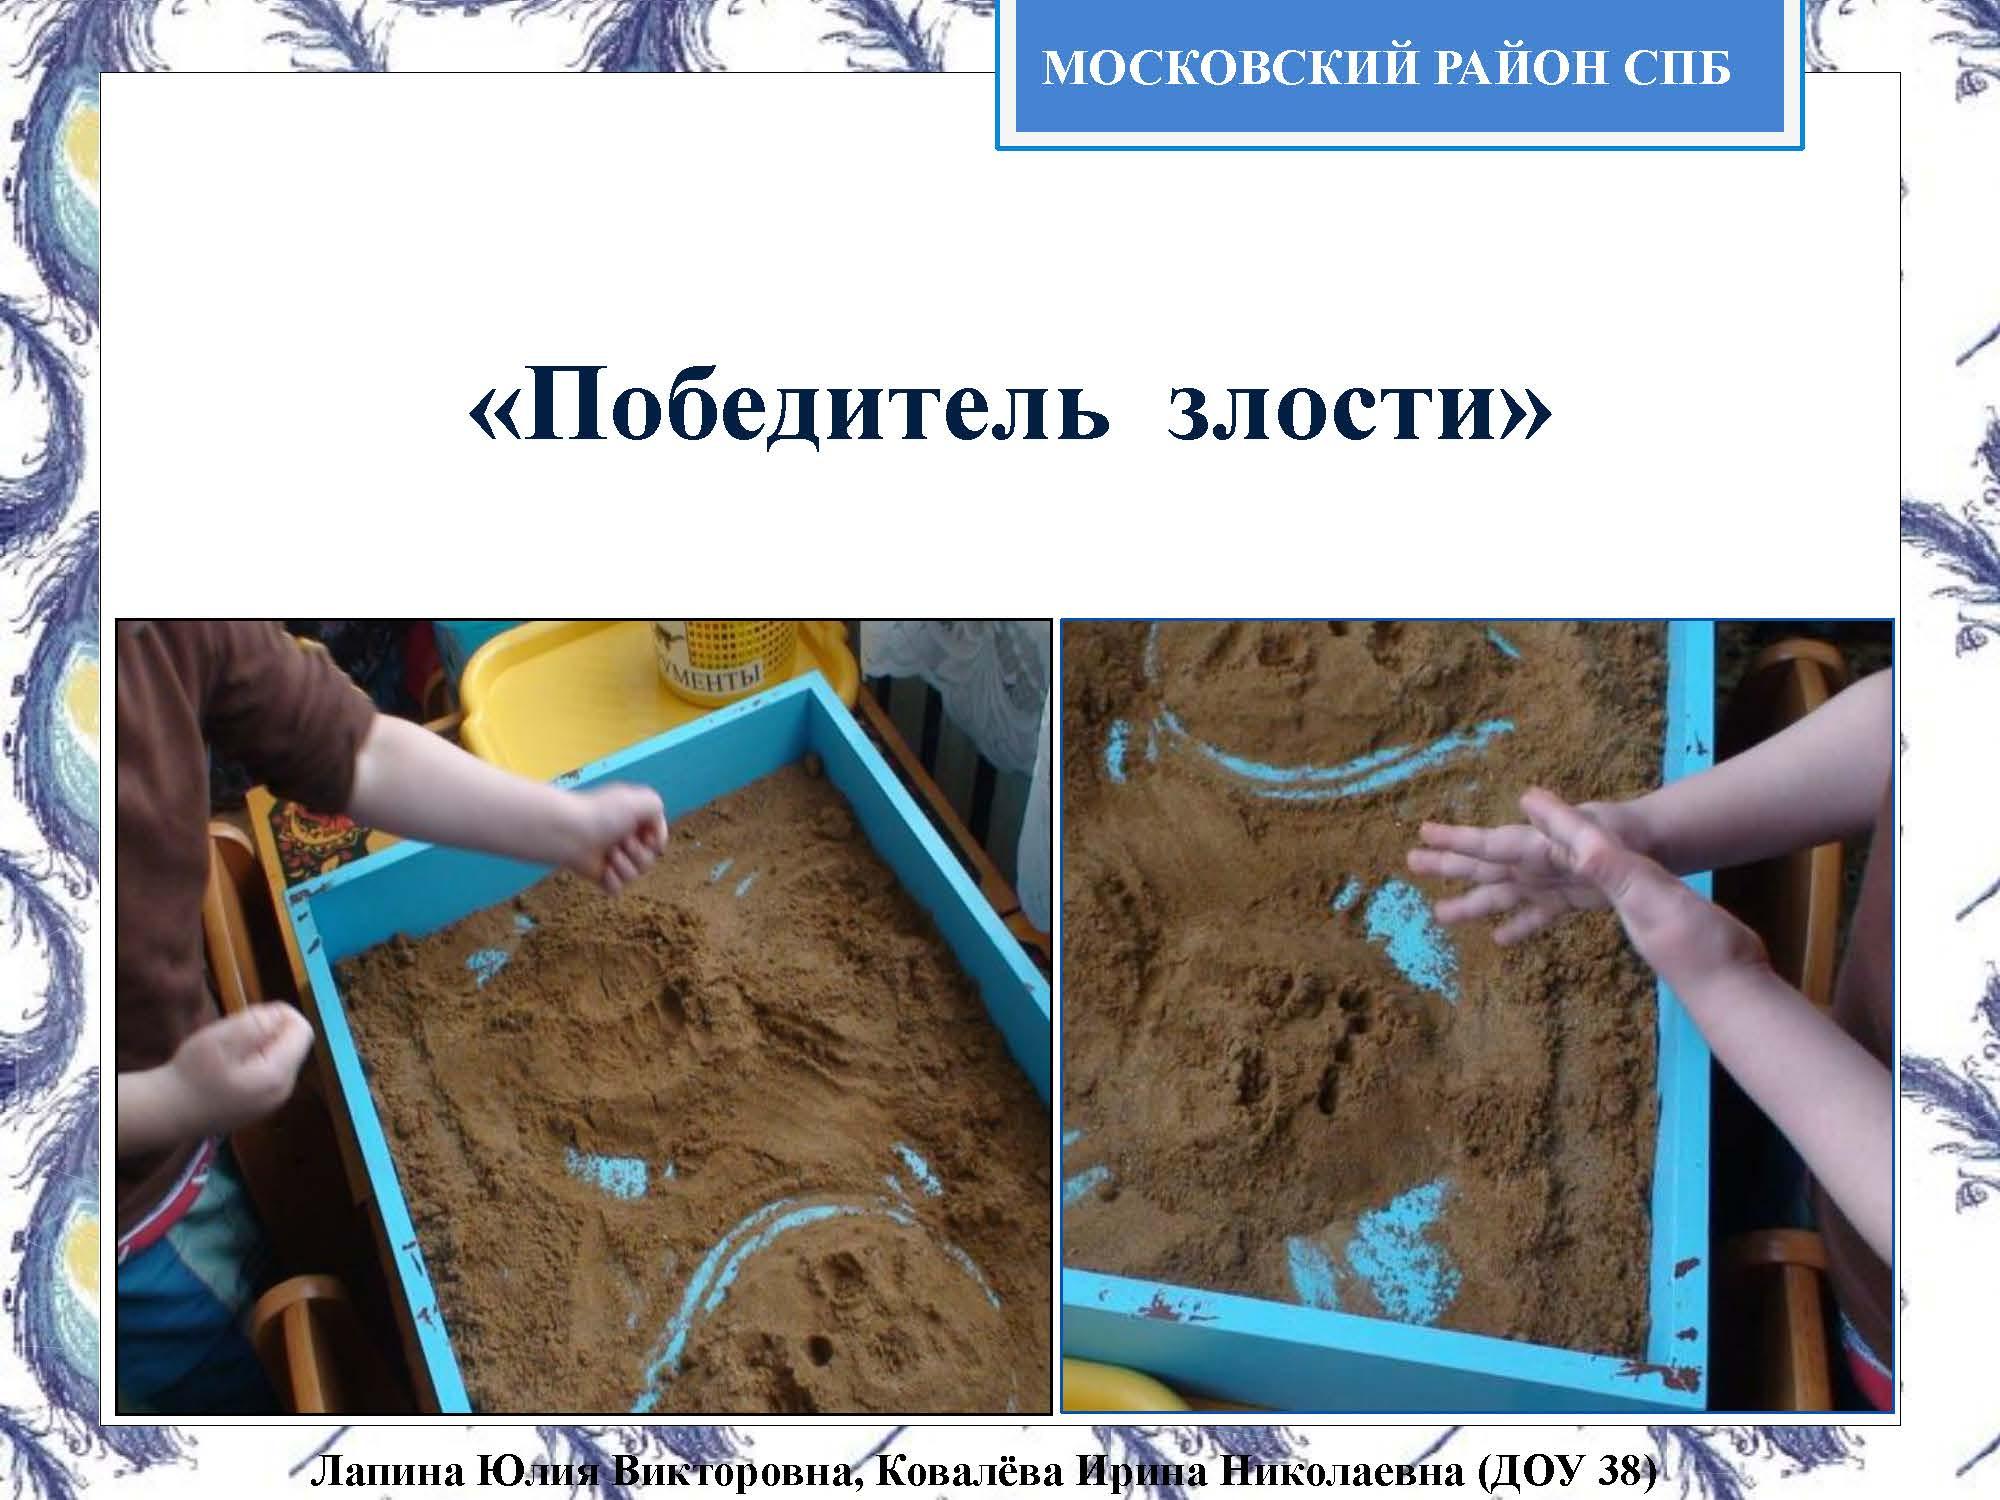 Секция 8. ДОУ 38, Московский район_Страница_29